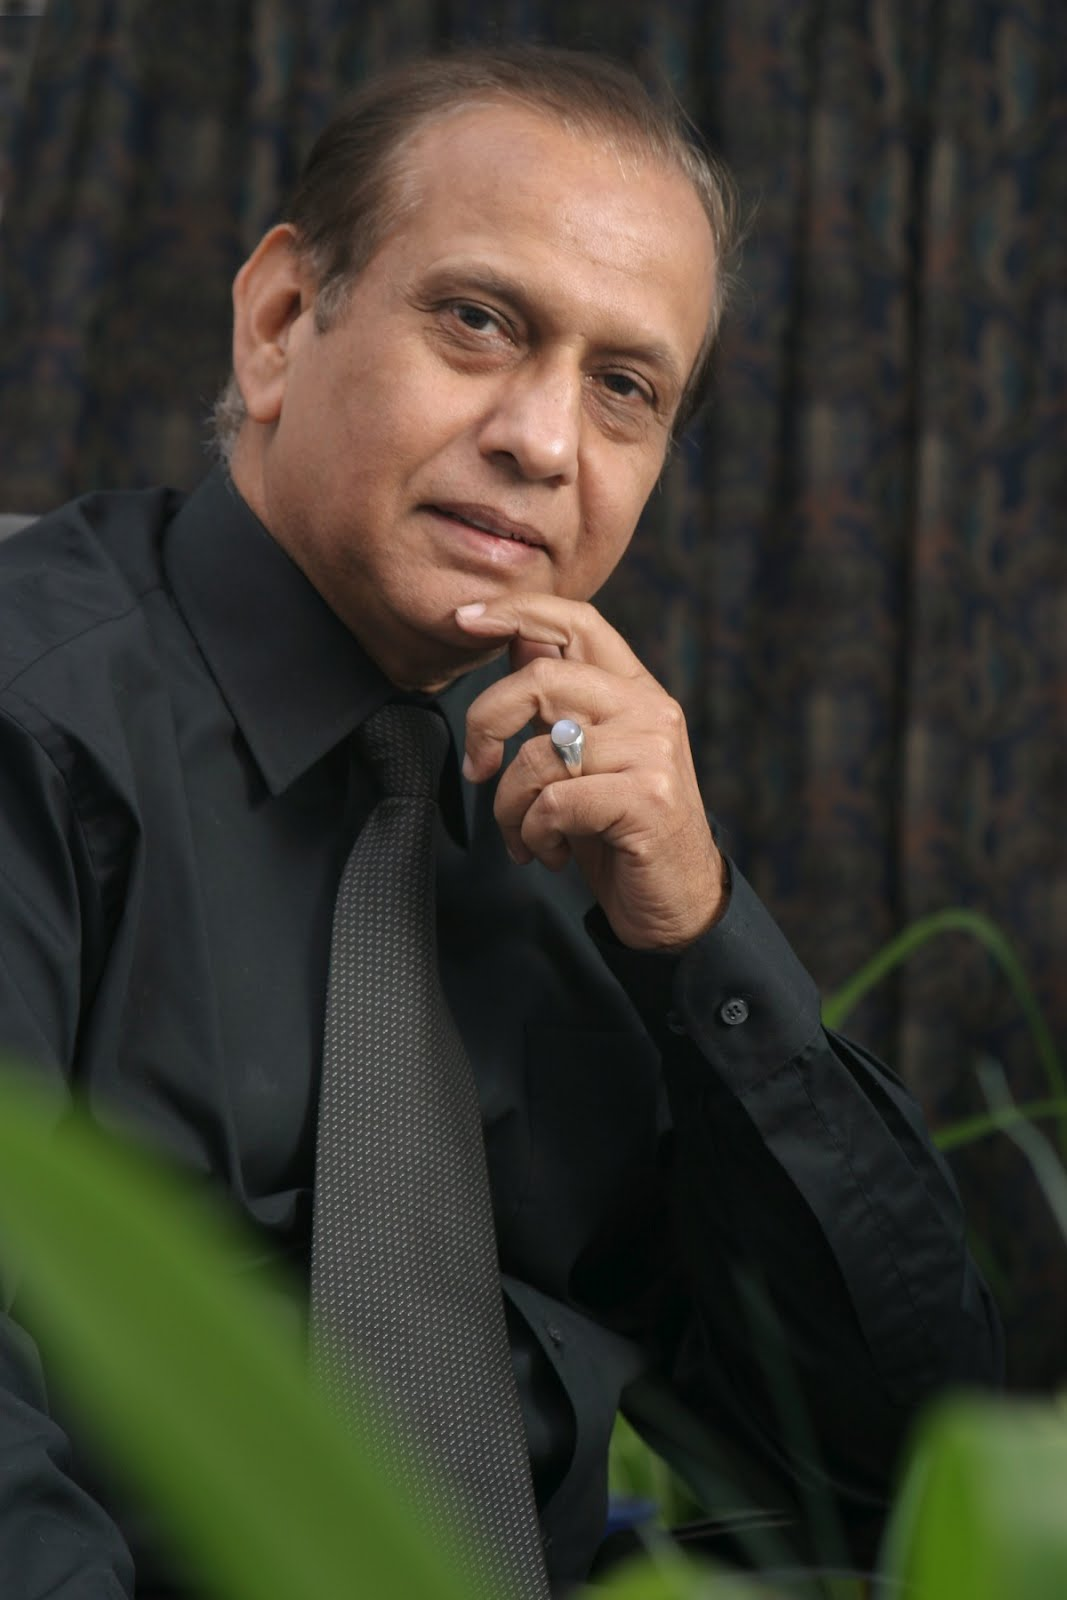 Virender Kapoor